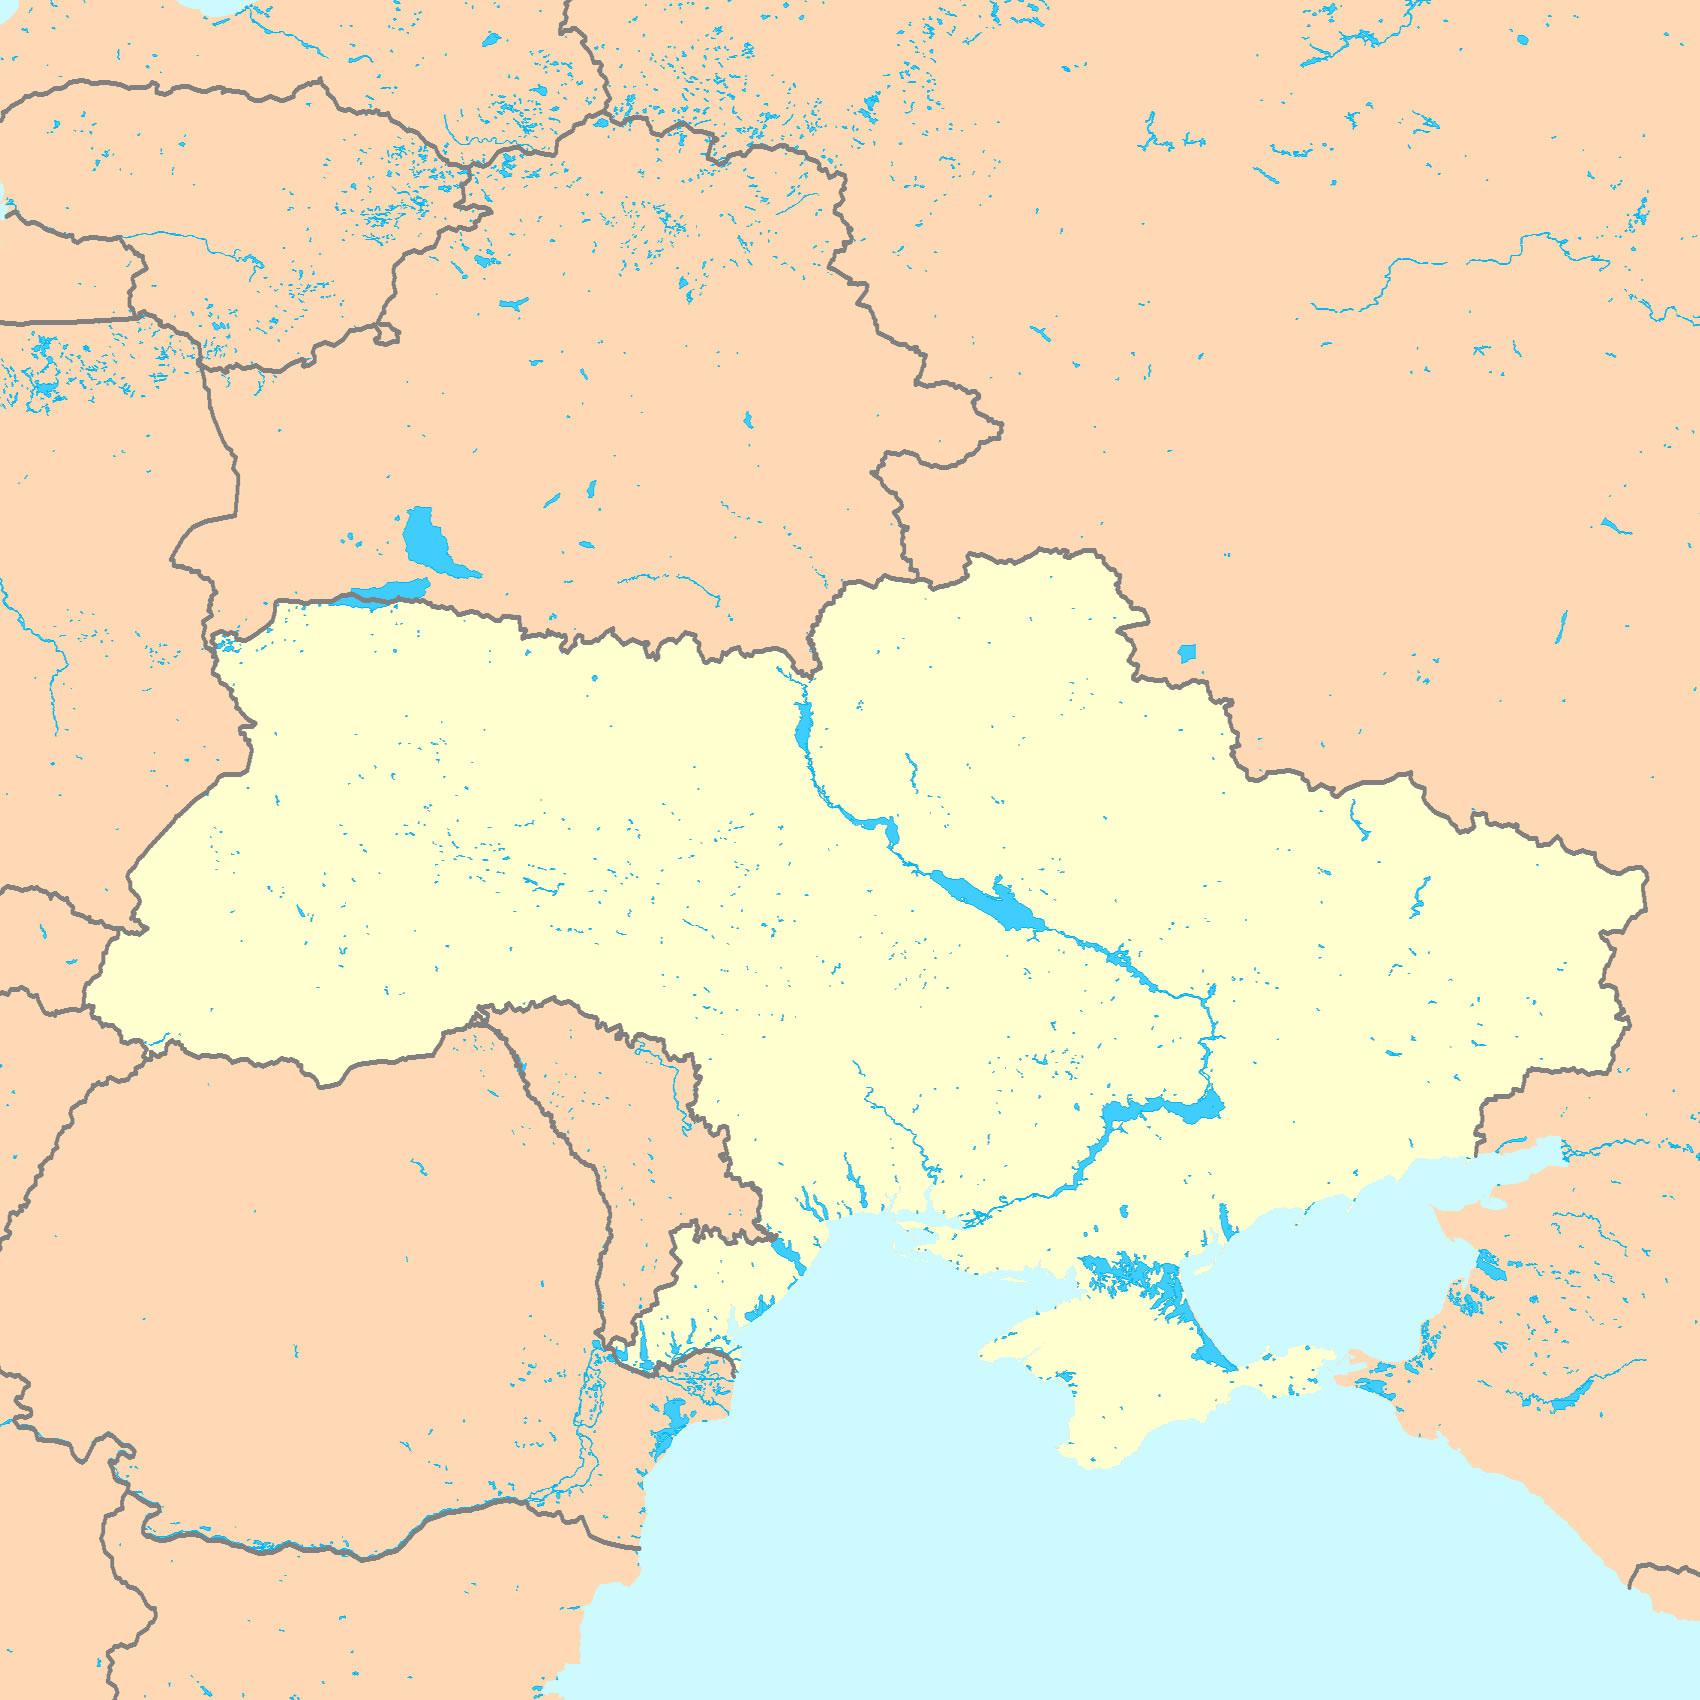 Ukraine Carte Du Monde.Carte Ukraine Vierge Carte Vierge De Ukraine